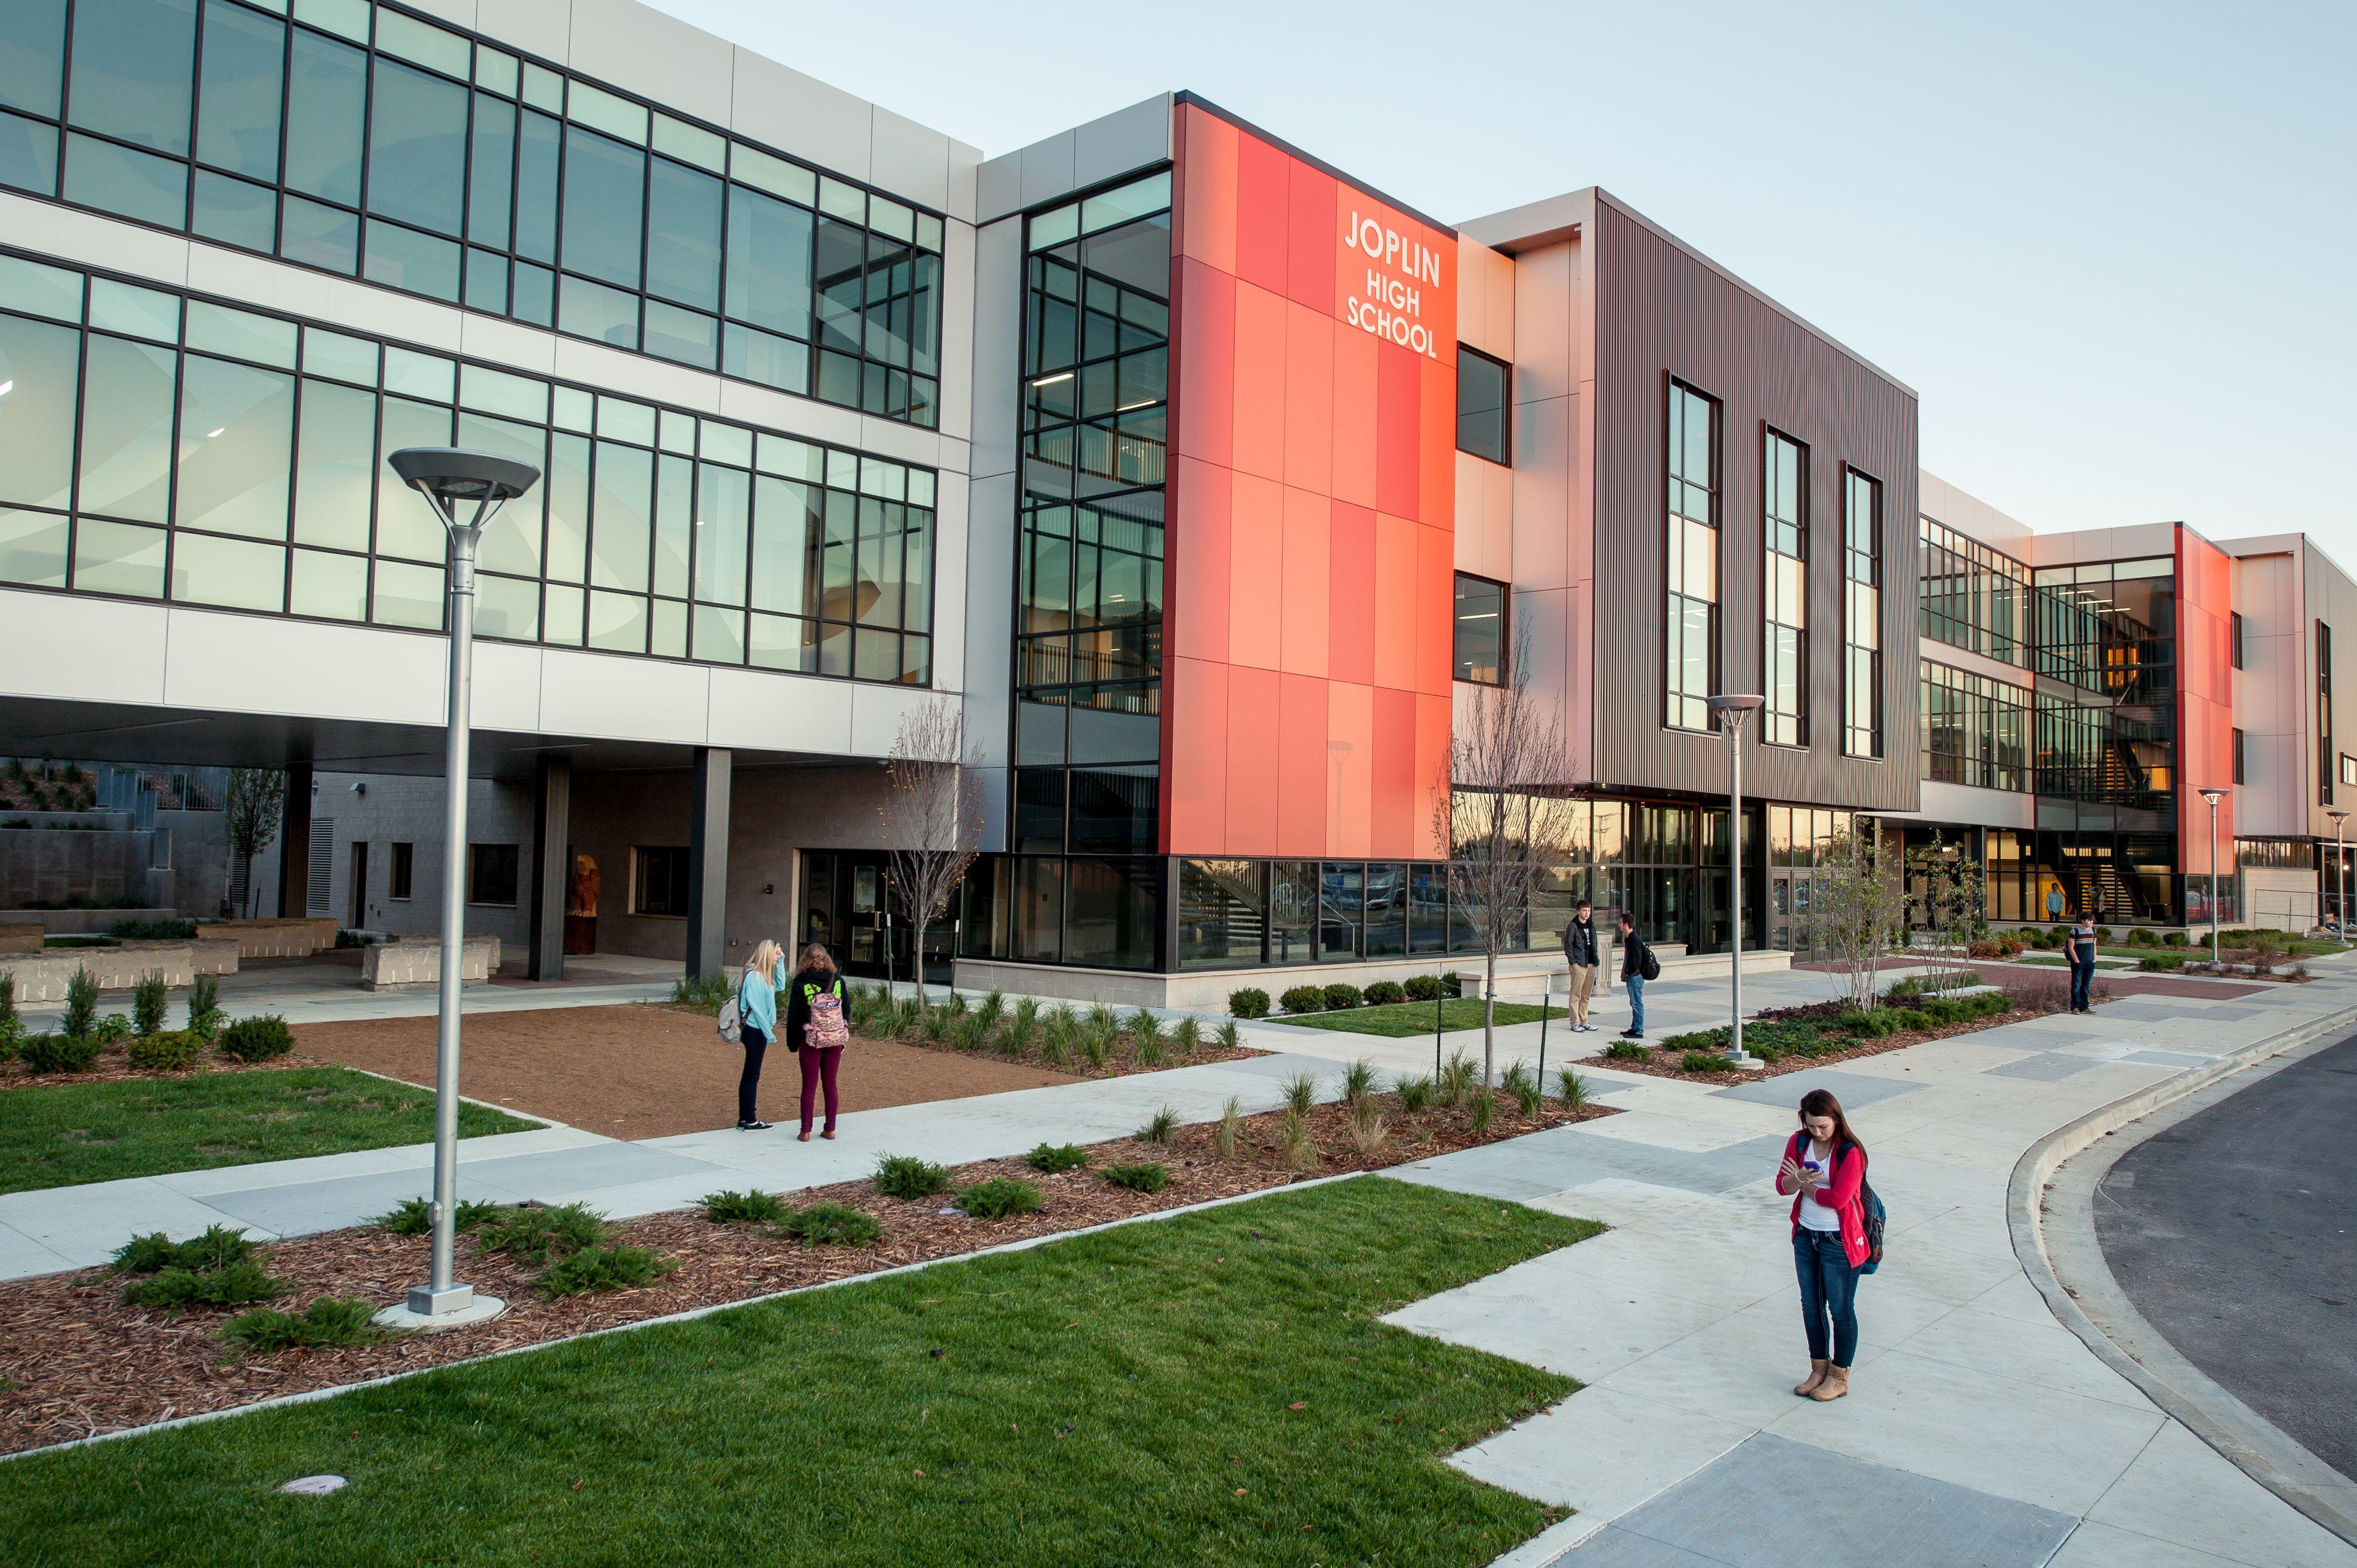 Joplin High School  Cga Architects Of Joplin, Missouri And